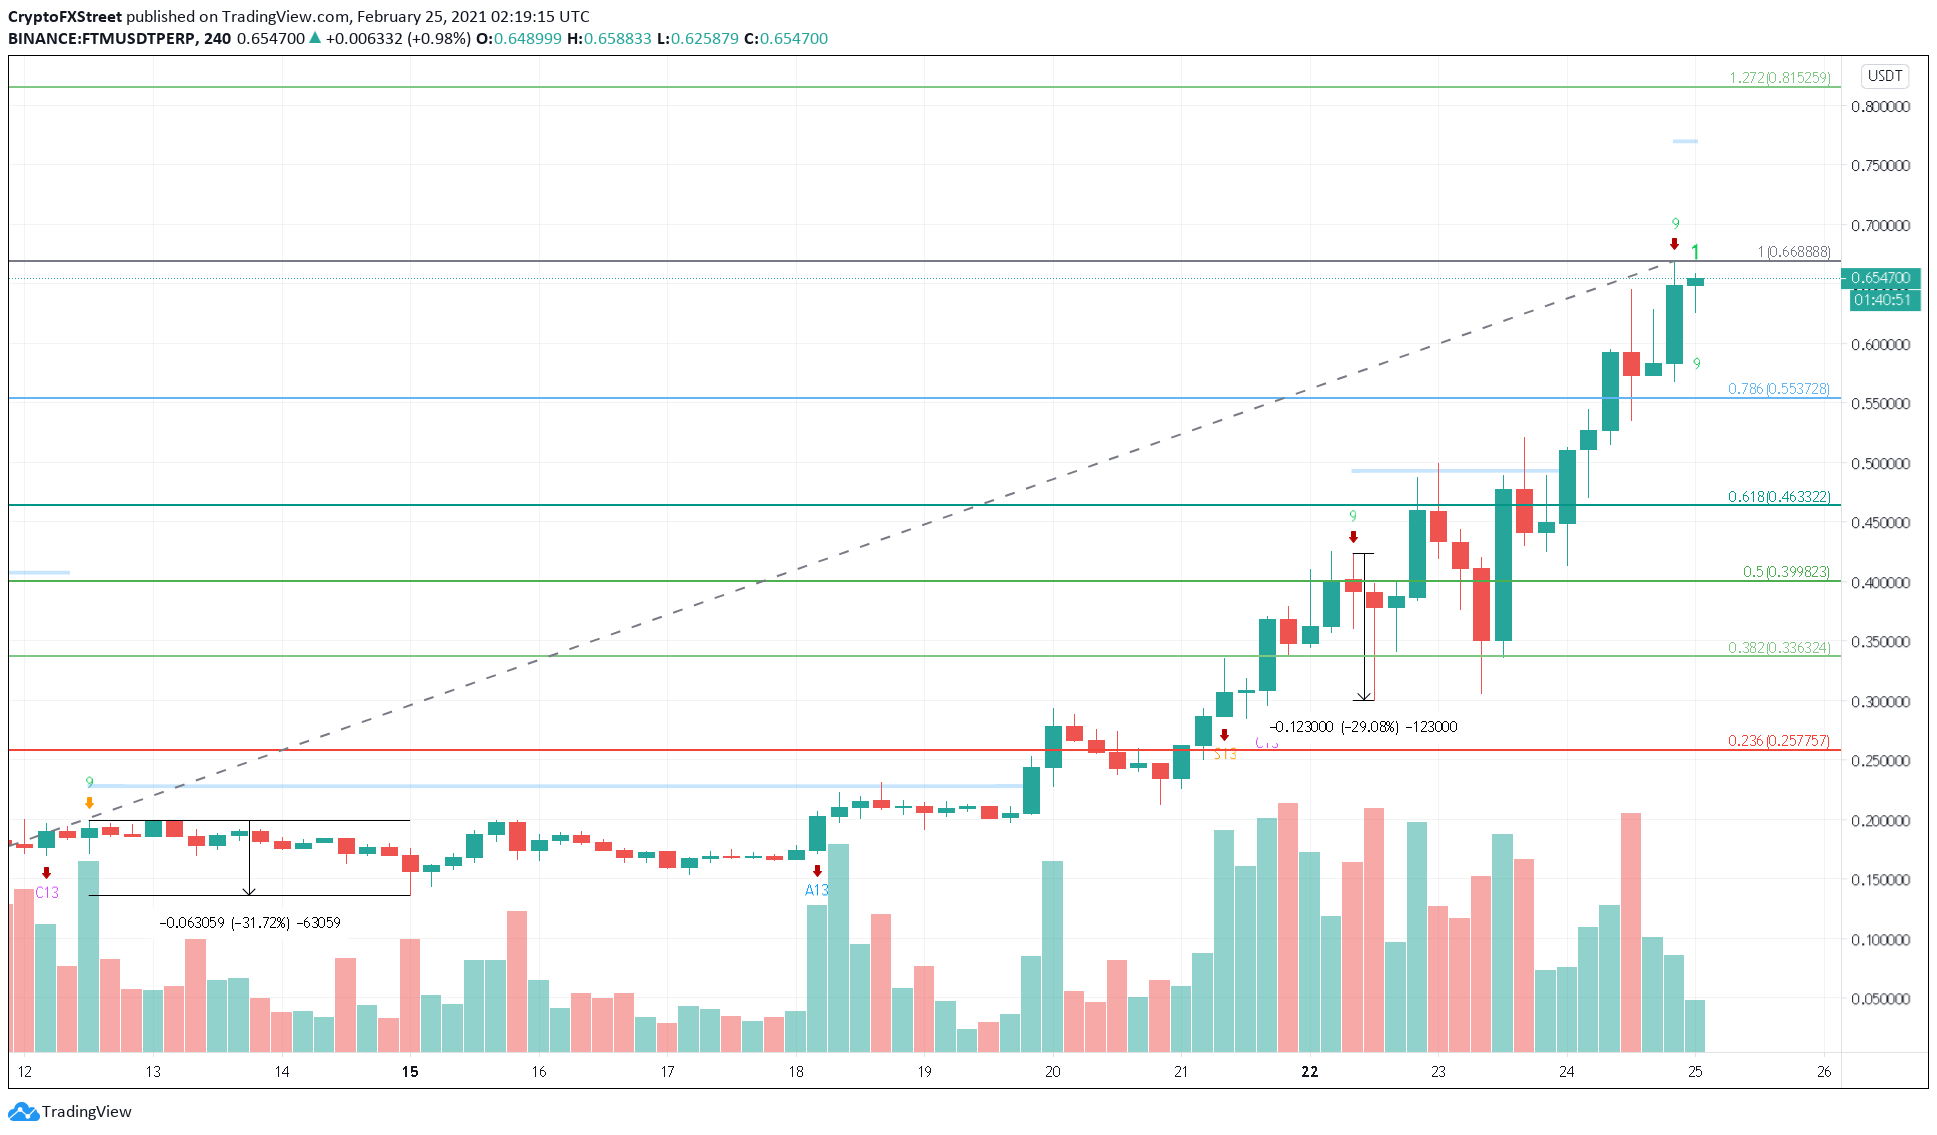 FTM/USDT 4-hour chart